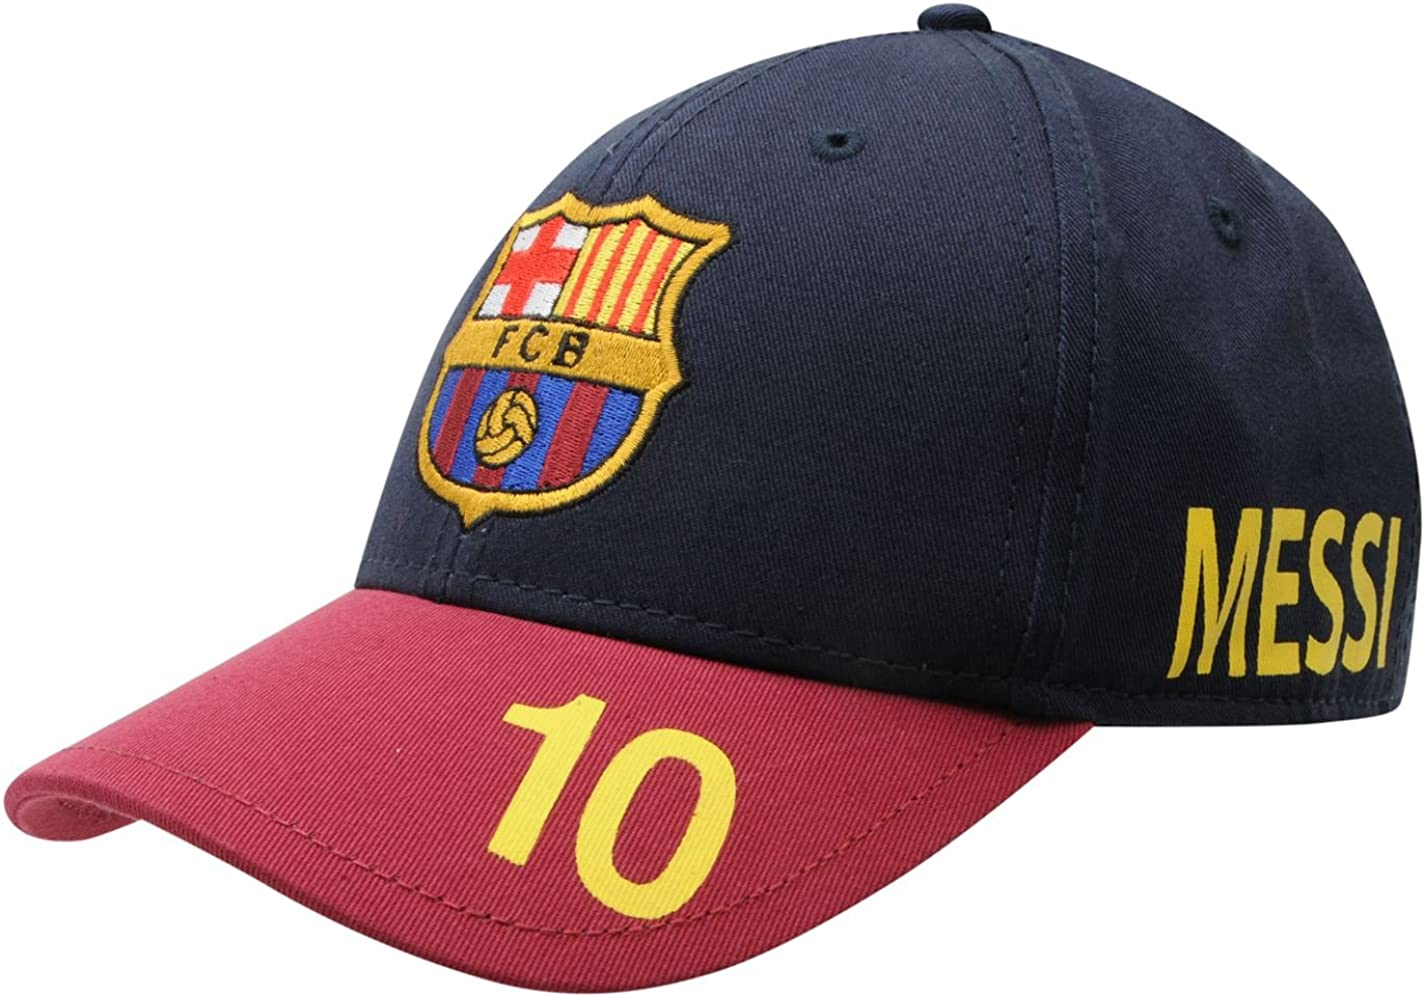 Gorra Cap Messi 10 Oficial FC Barcelona: Amazon.es: Ropa y accesorios